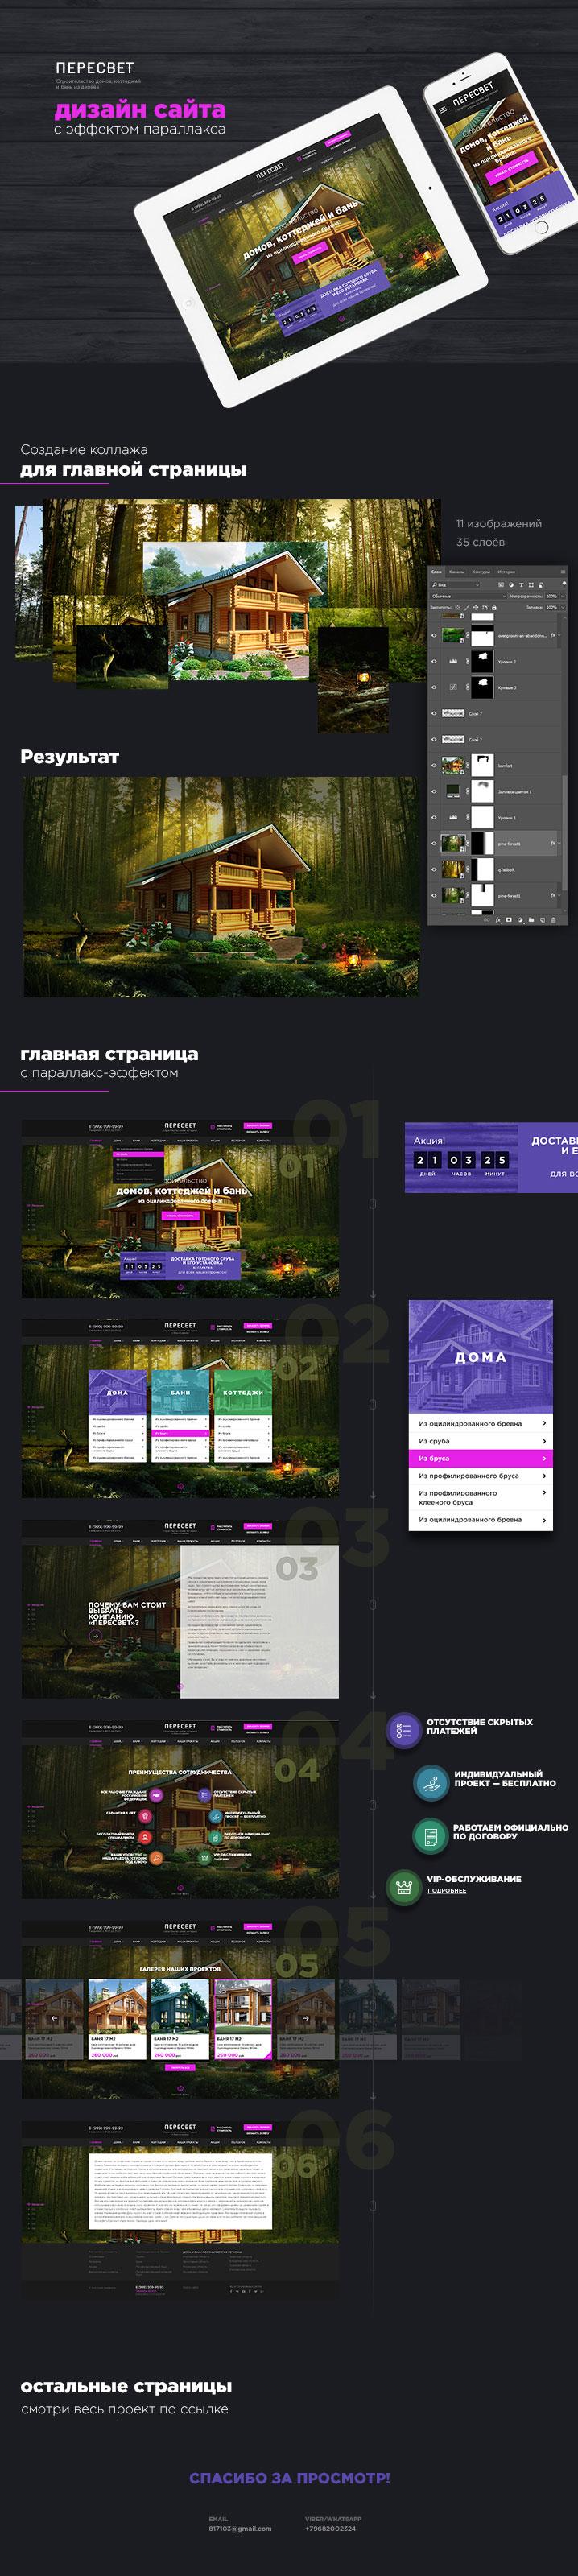 Пересвет — дизайн сайта строительной компании